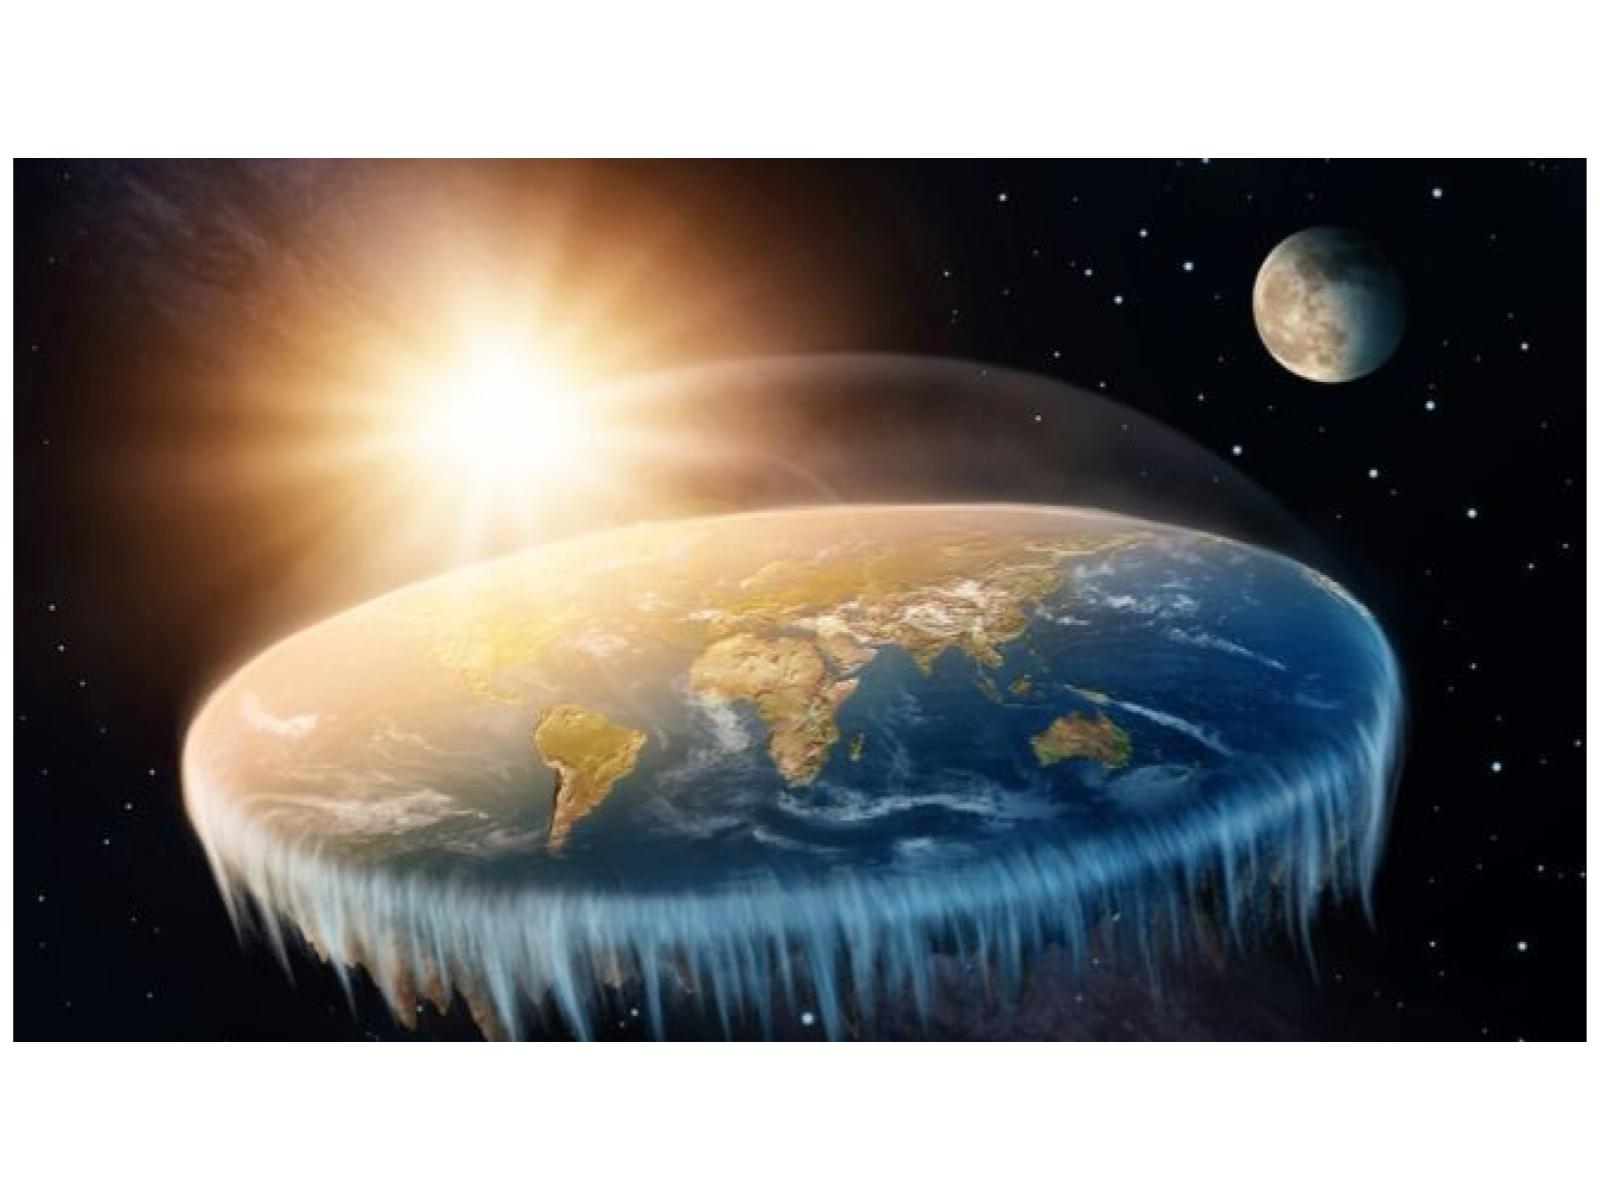 A sombra da Terra na Lua